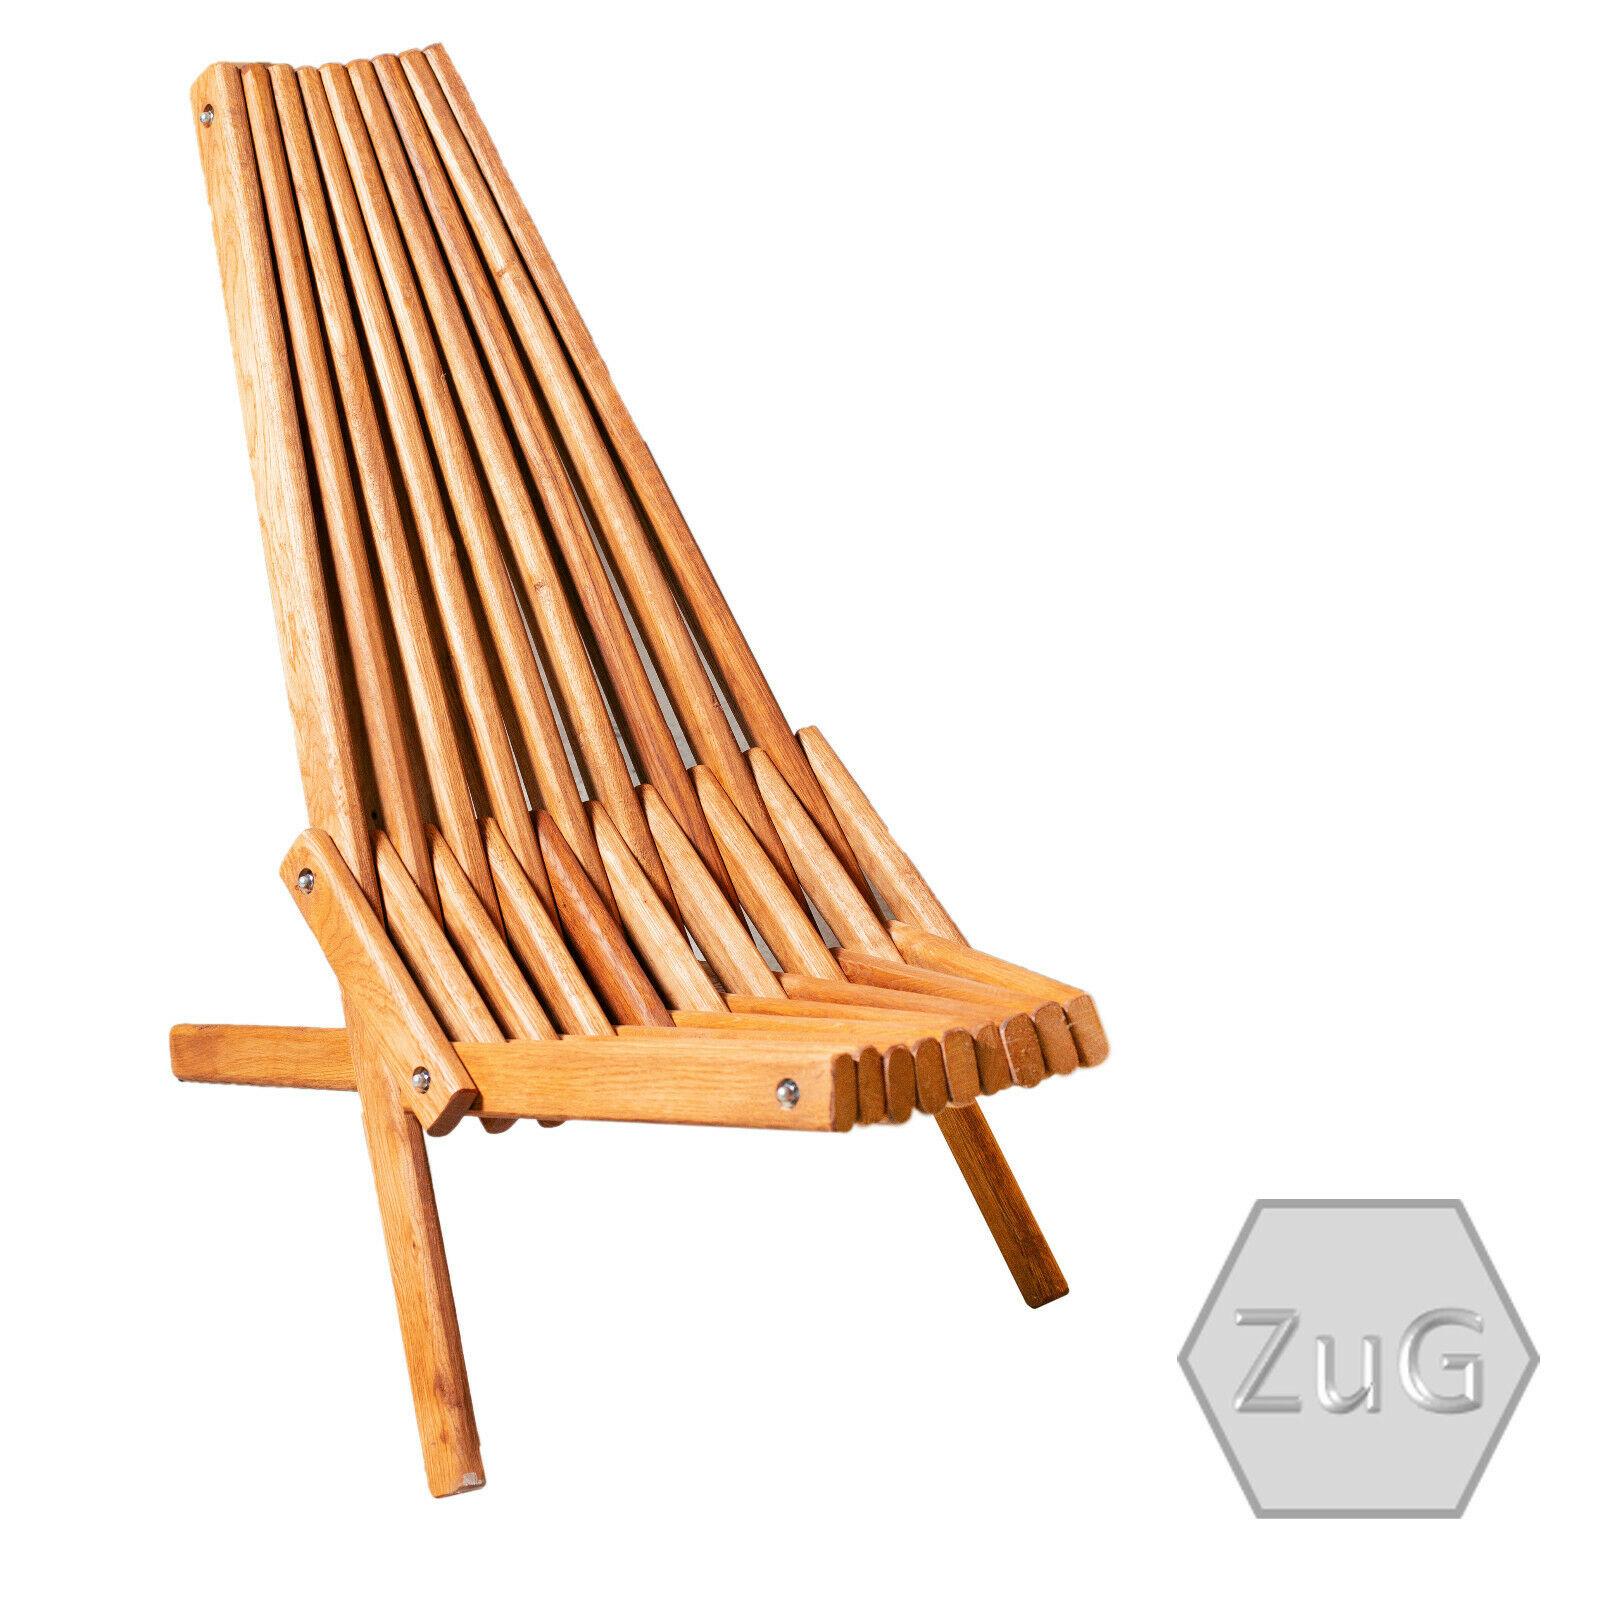 Full Size of Liegestuhl Holz Sonnenliege Gartenliege Saunaliege Stuhl Eiche Cd Regal Esstisch Massivholz Ausziehbar Esstische Fenster Alu Holzbrett Küche Vollholzküche Wohnzimmer Liegestuhl Holz